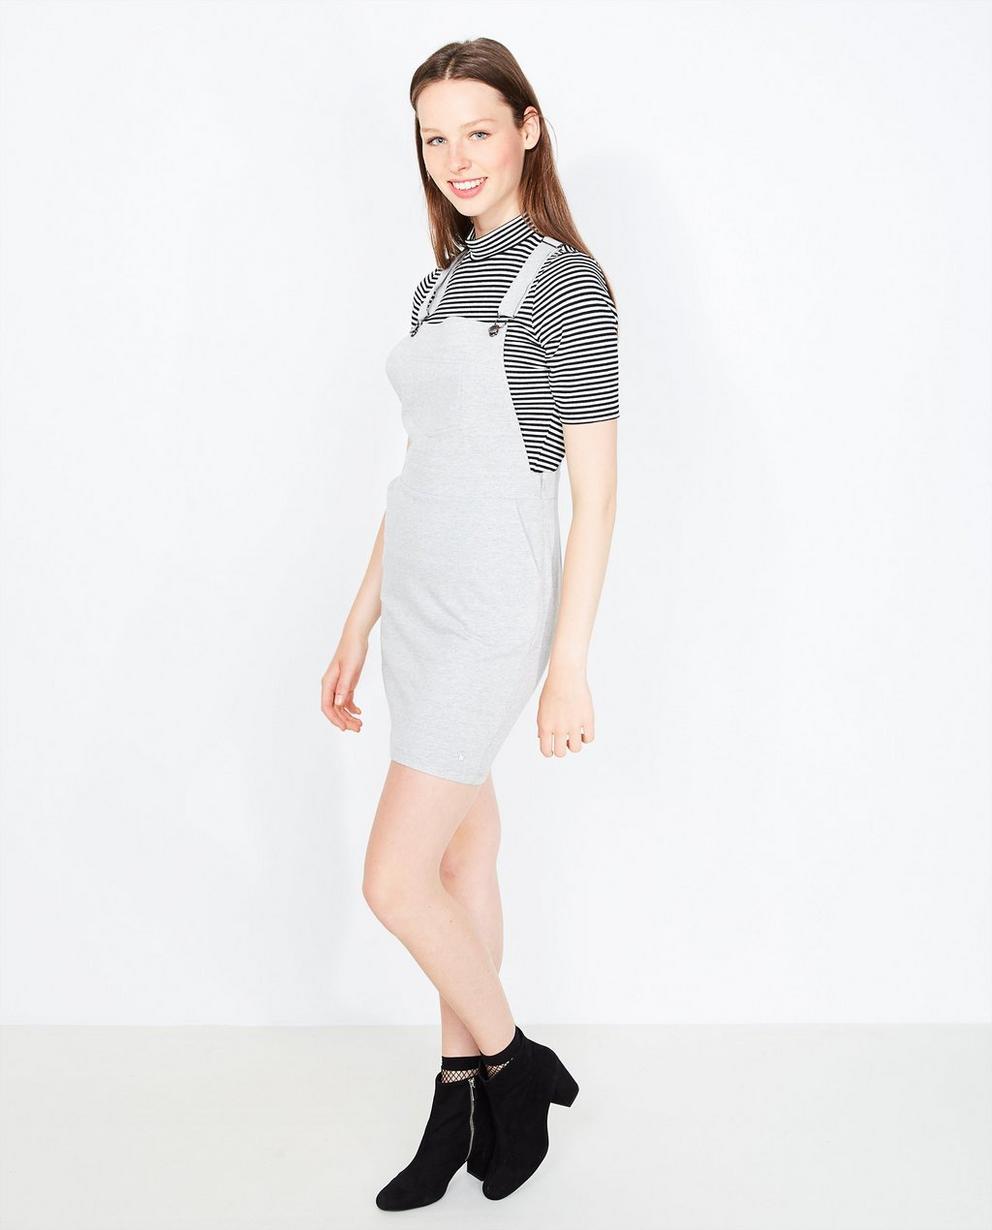 T-shirt met glitter - gestreept in zwart-wit - Grogy